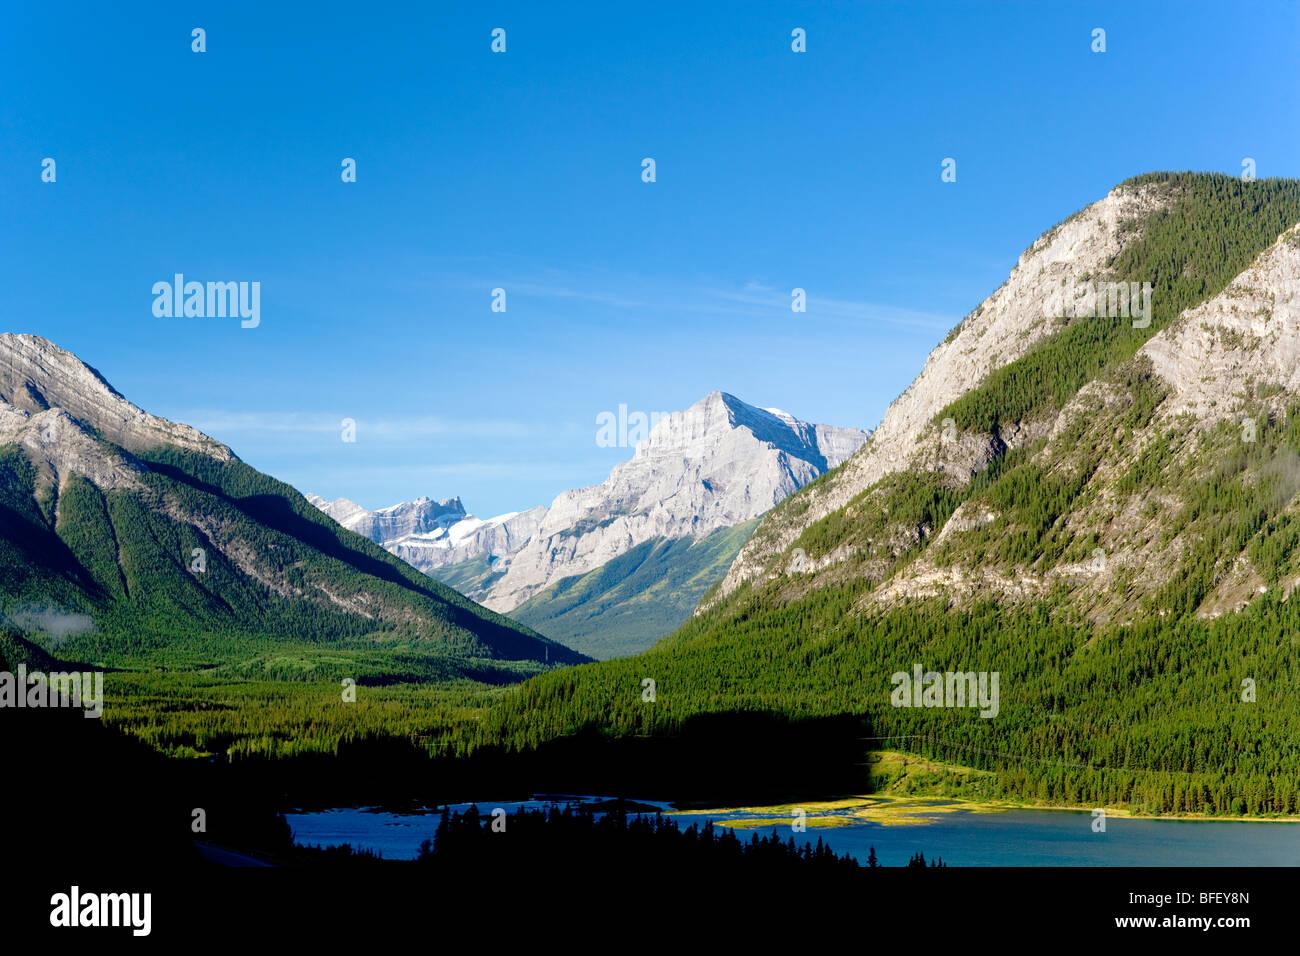 Stausee, Kananaskis, Alberta, Kanada, See, Berg, Rockies, geologische Formation, Wald Stockbild